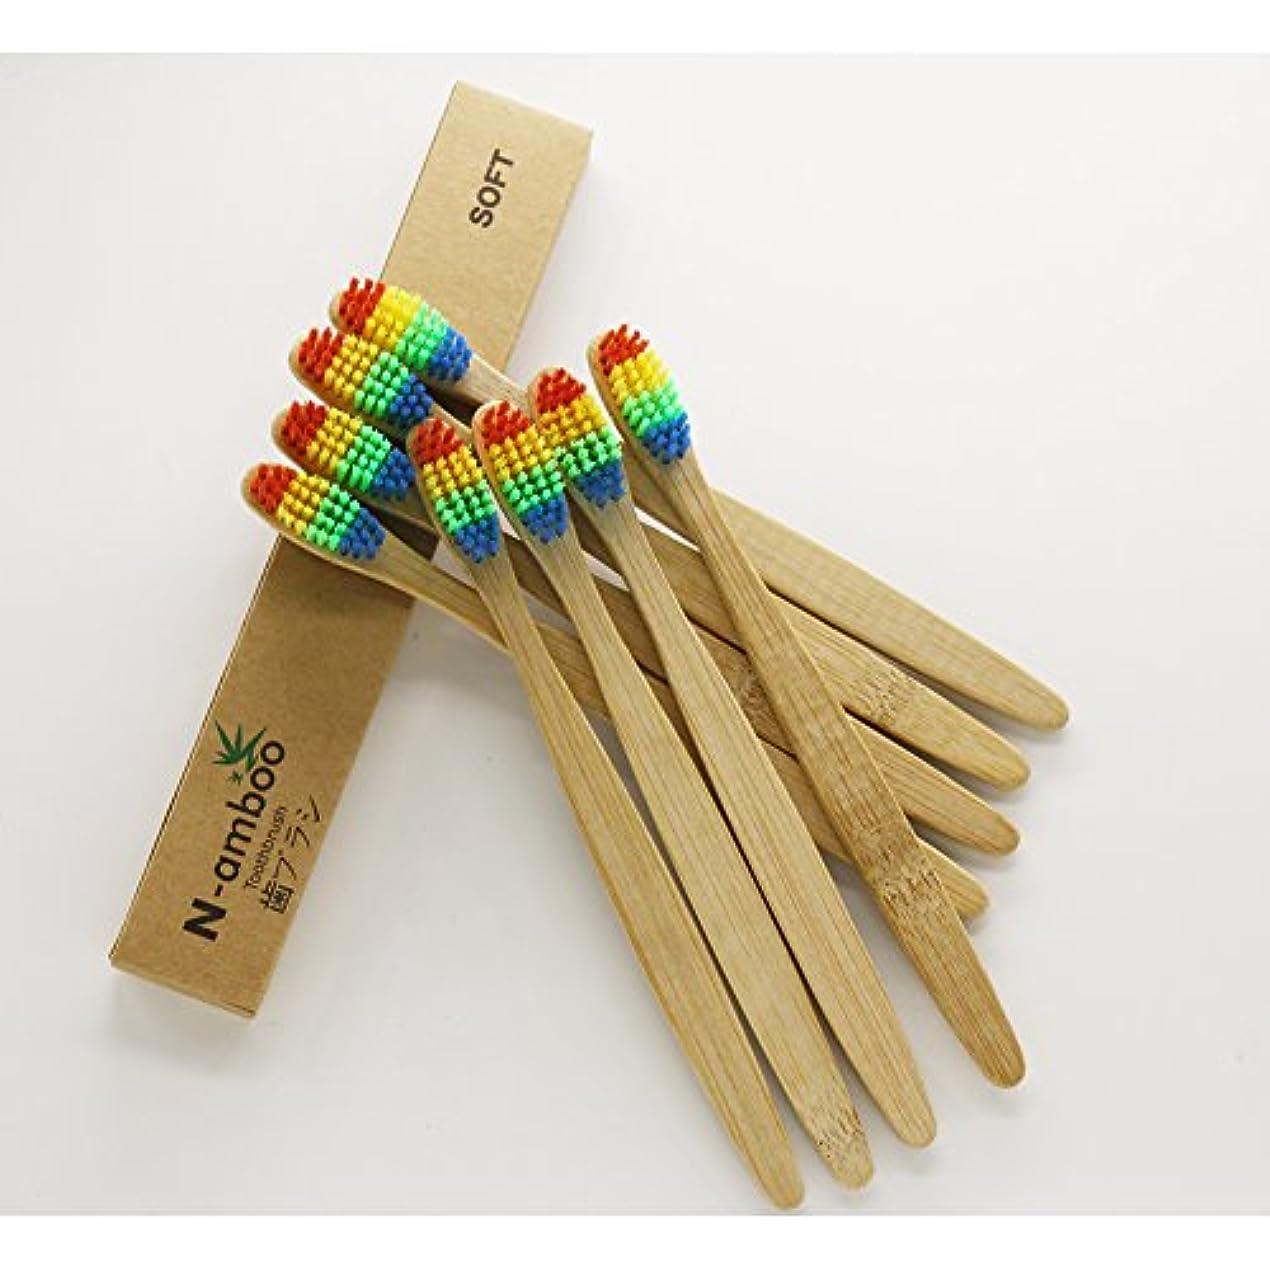 ぐるぐるアクセル熟達したN-amboo 竹製 耐久度高い 歯ブラシ 四色 虹(にじ) 8本入り ファミリー セット